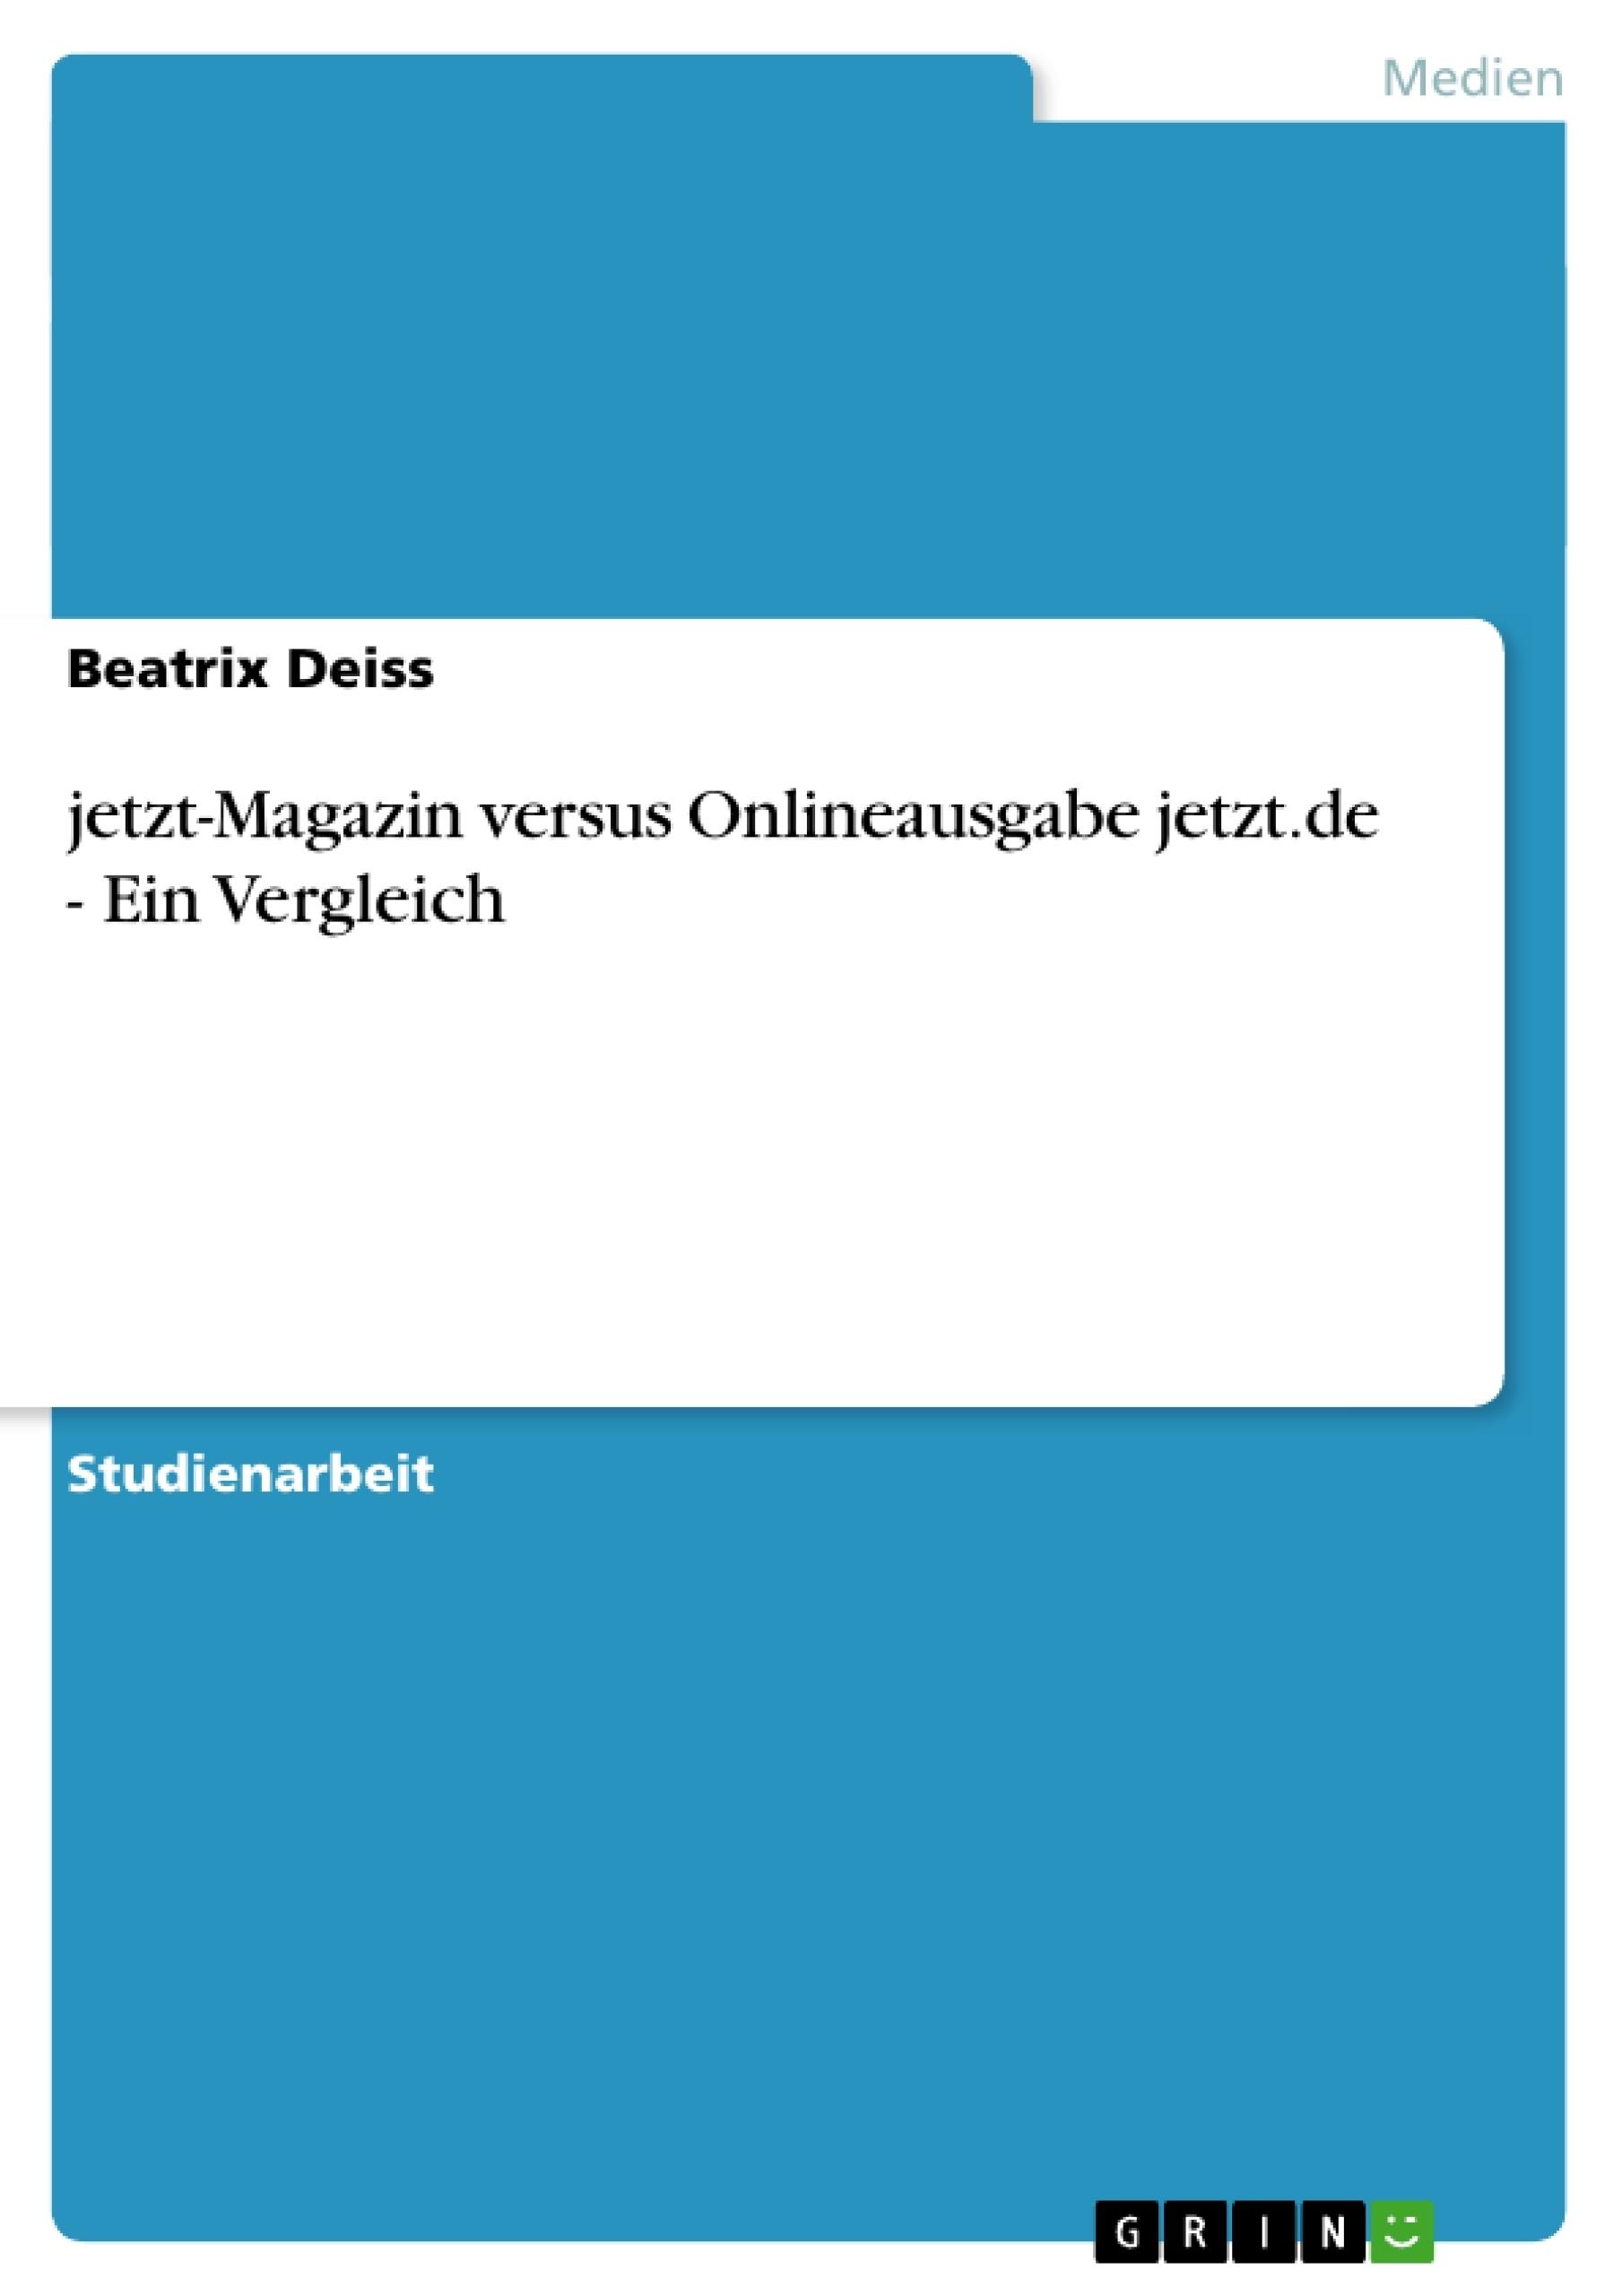 Titel: jetzt-Magazin versus Onlineausgabe jetzt.de - Ein Vergleich